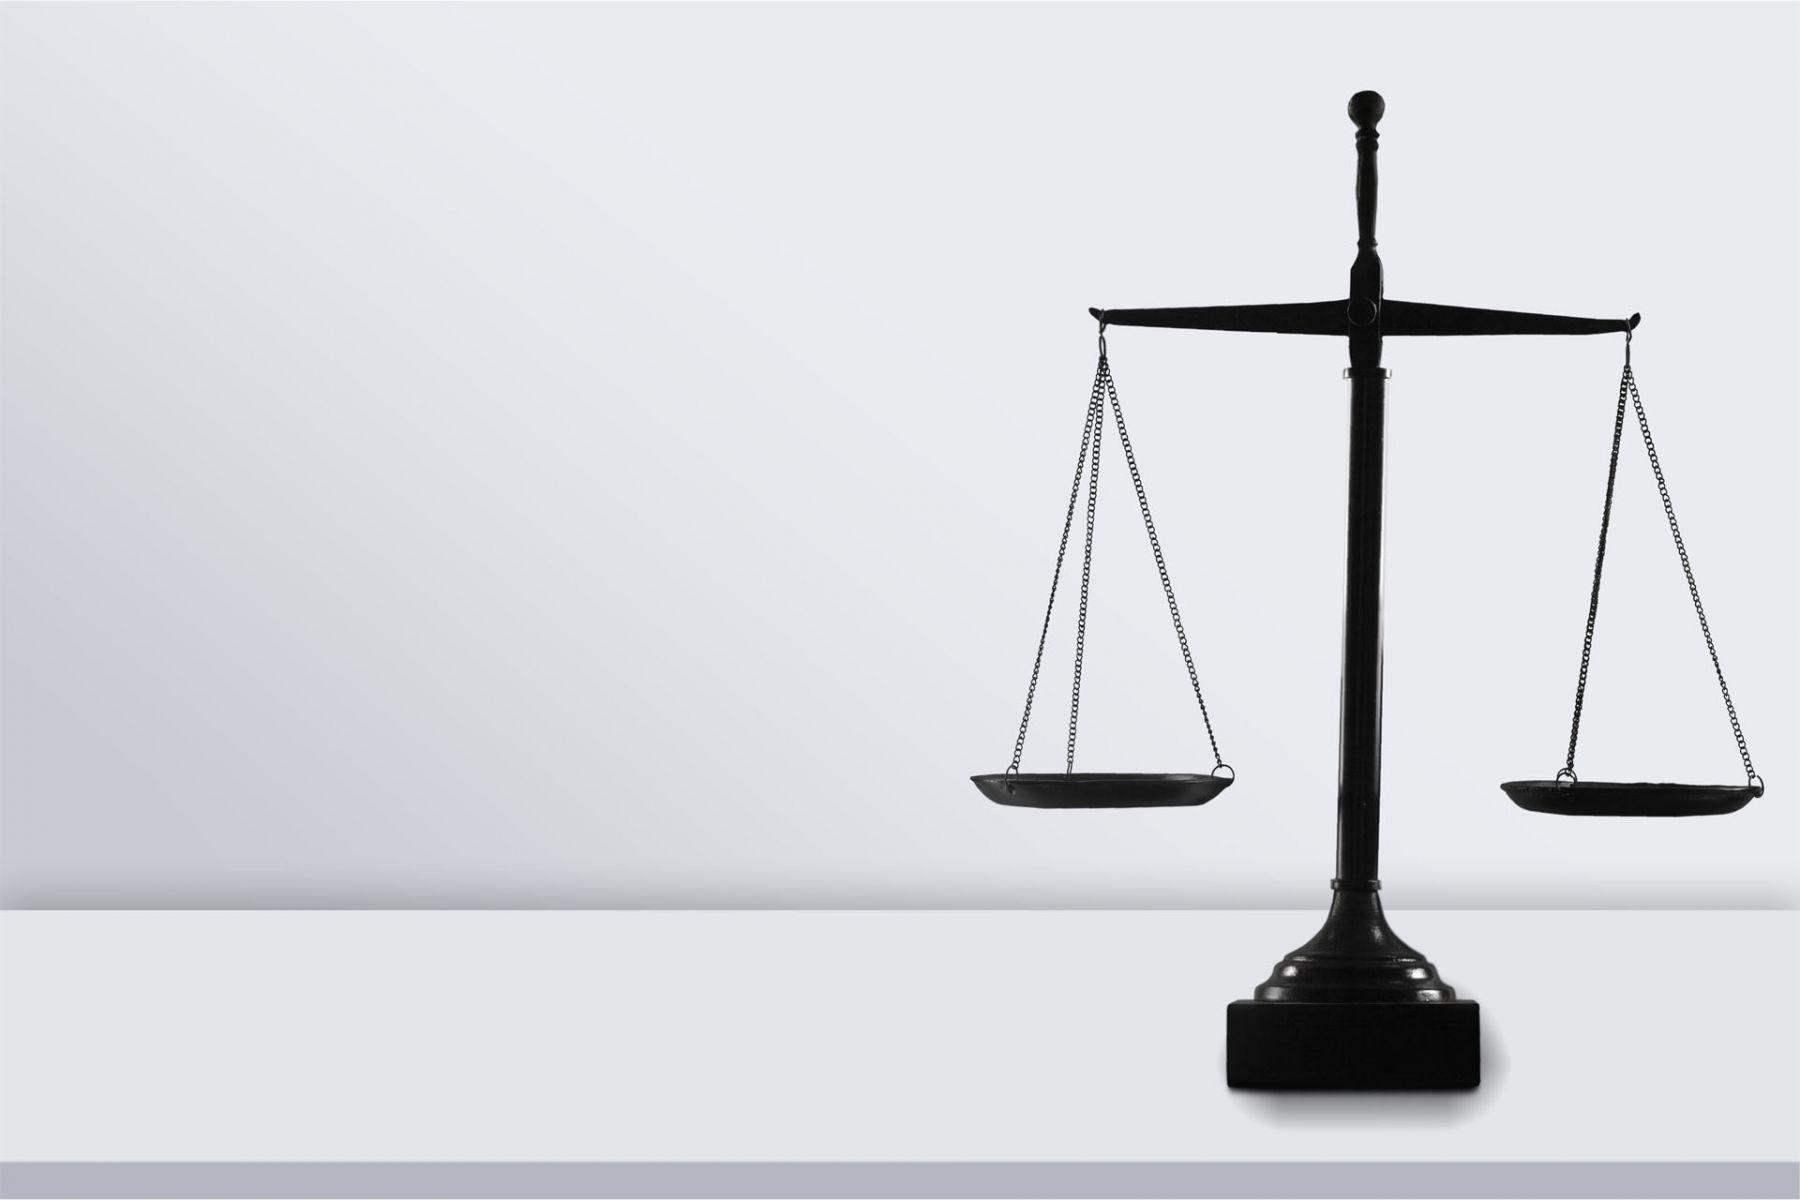 台灣人對轉型正義有感嗎?對於除垢,幾個問題請教吳佩蓉...